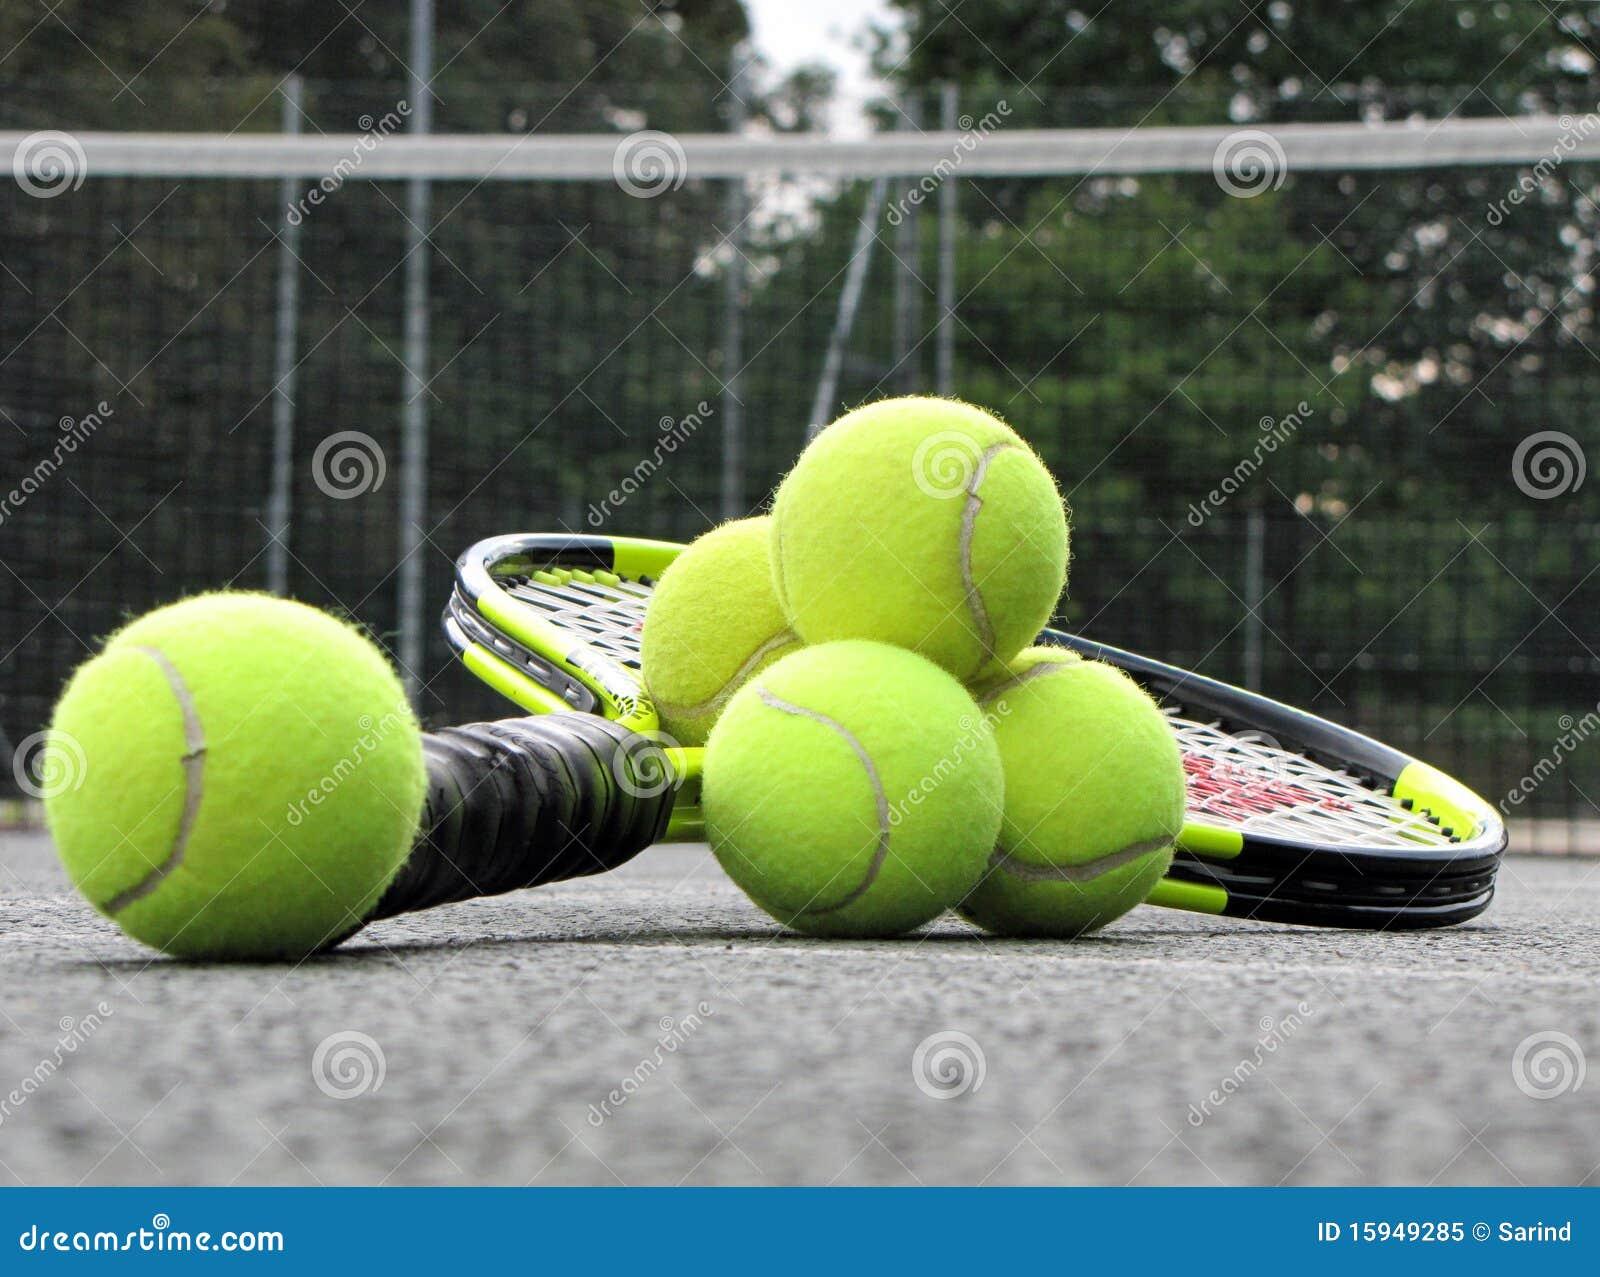 Equipamento do tênis na corte